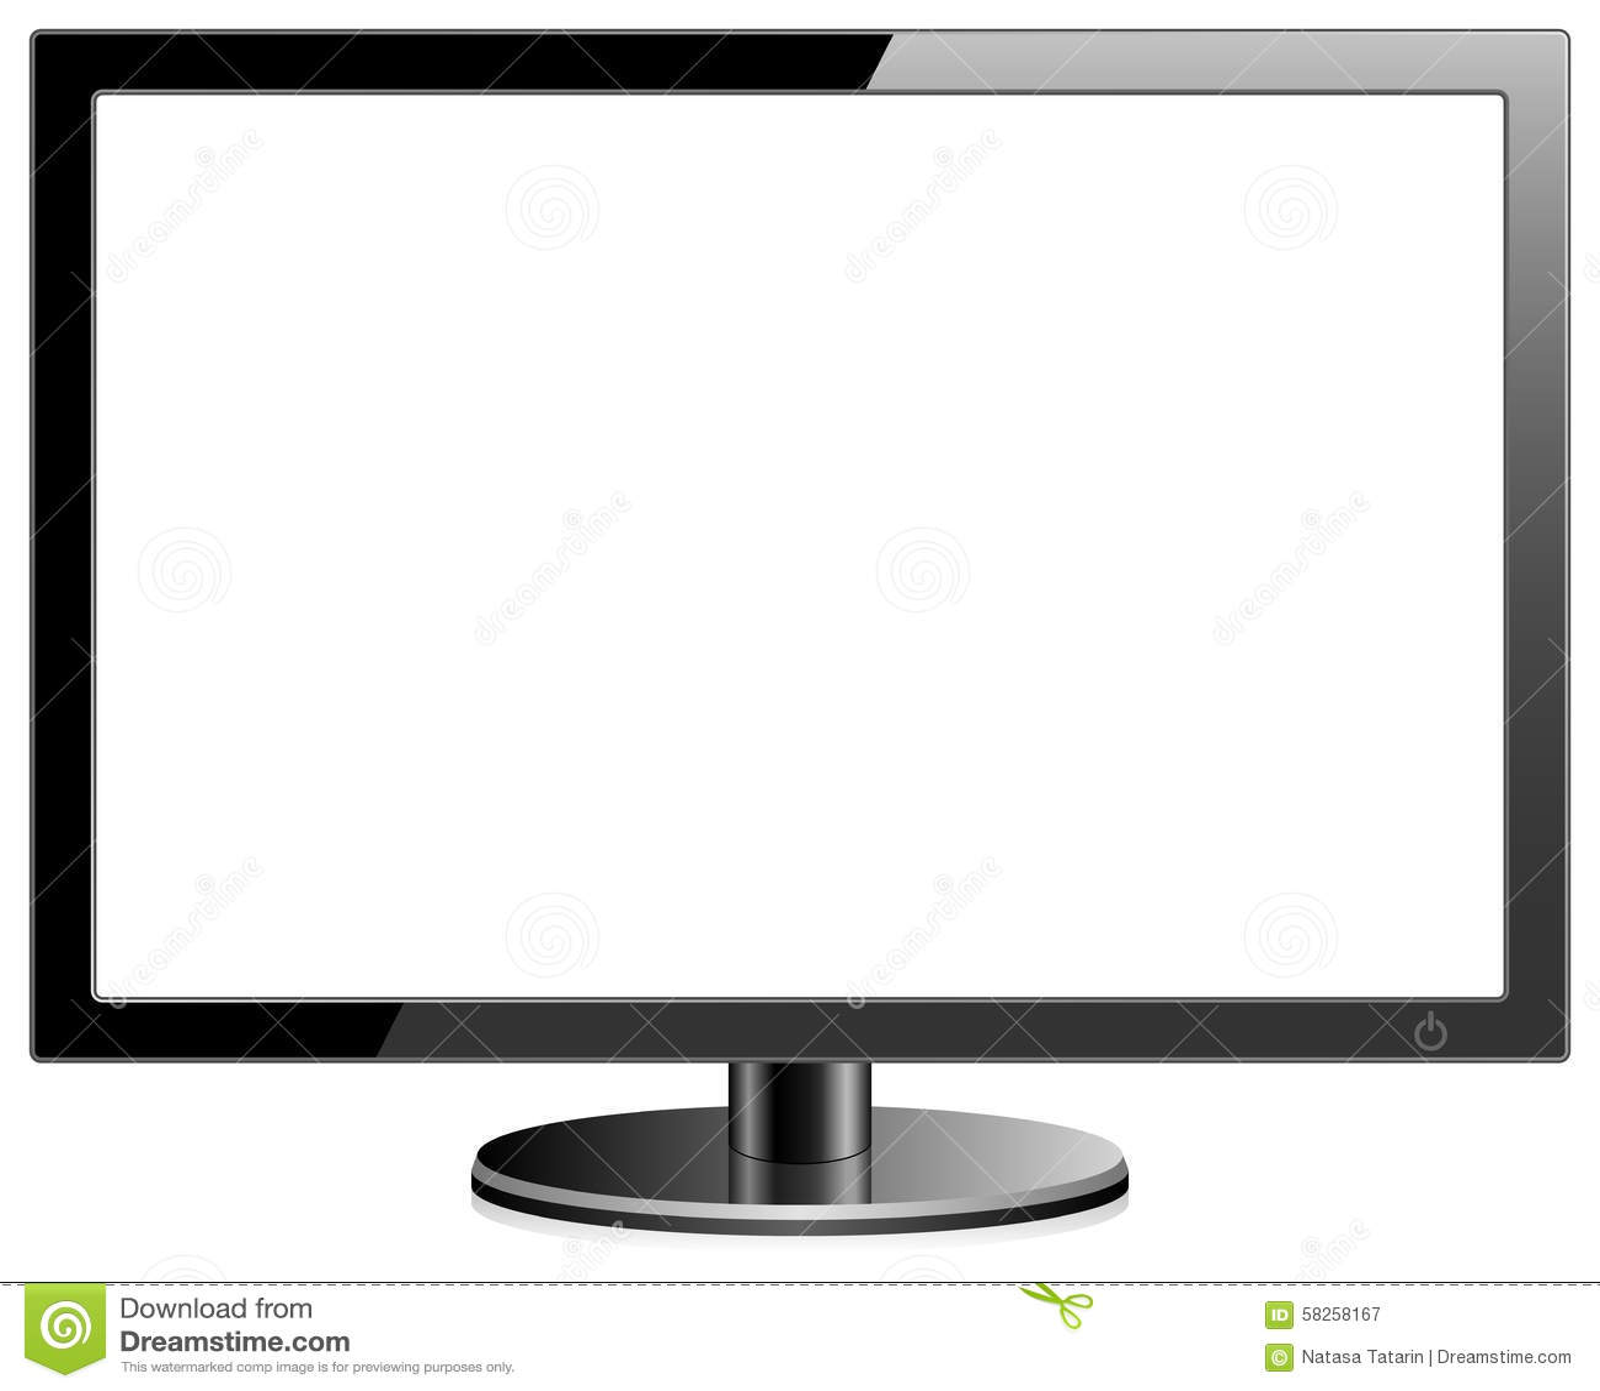 Monitor en blanco ilustración del vector. Ilustración de aislado ...